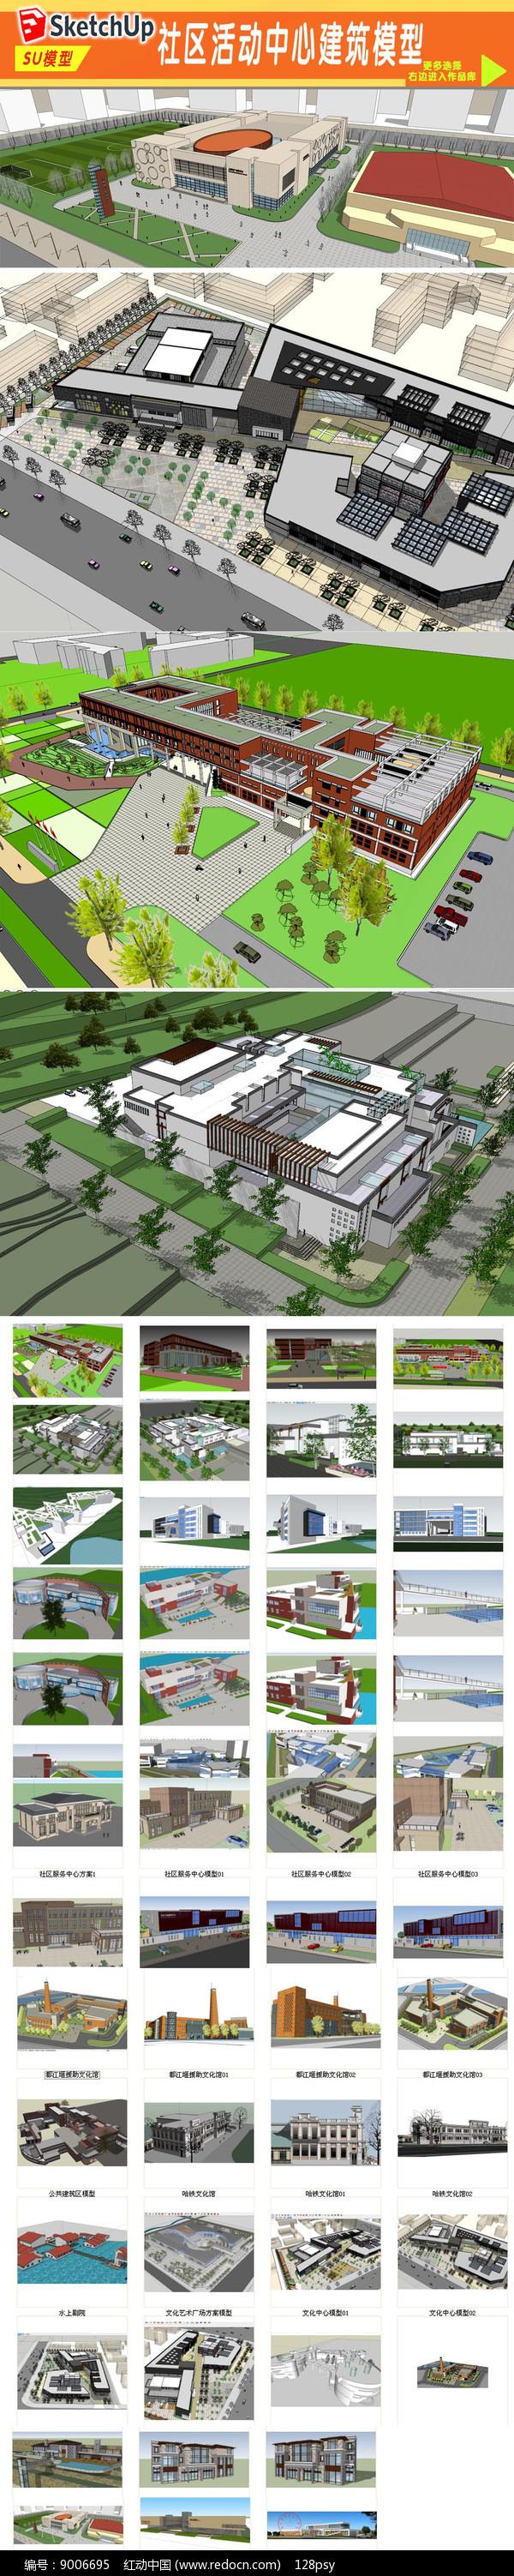 社区中心建筑模型设计图片